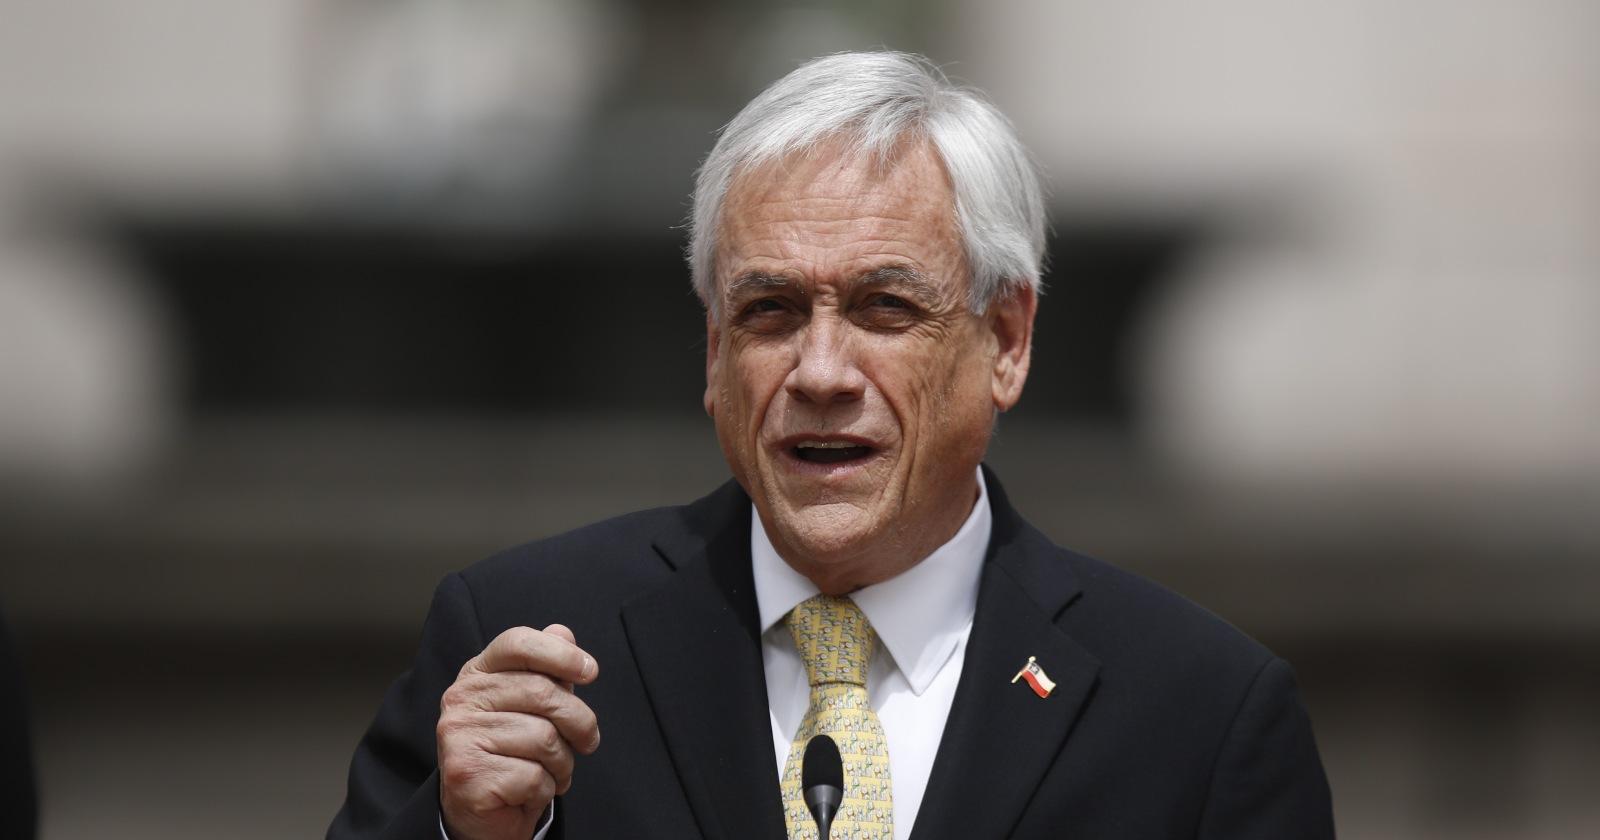 Presentan querella contra Piñera por joven muerto en La Victoria